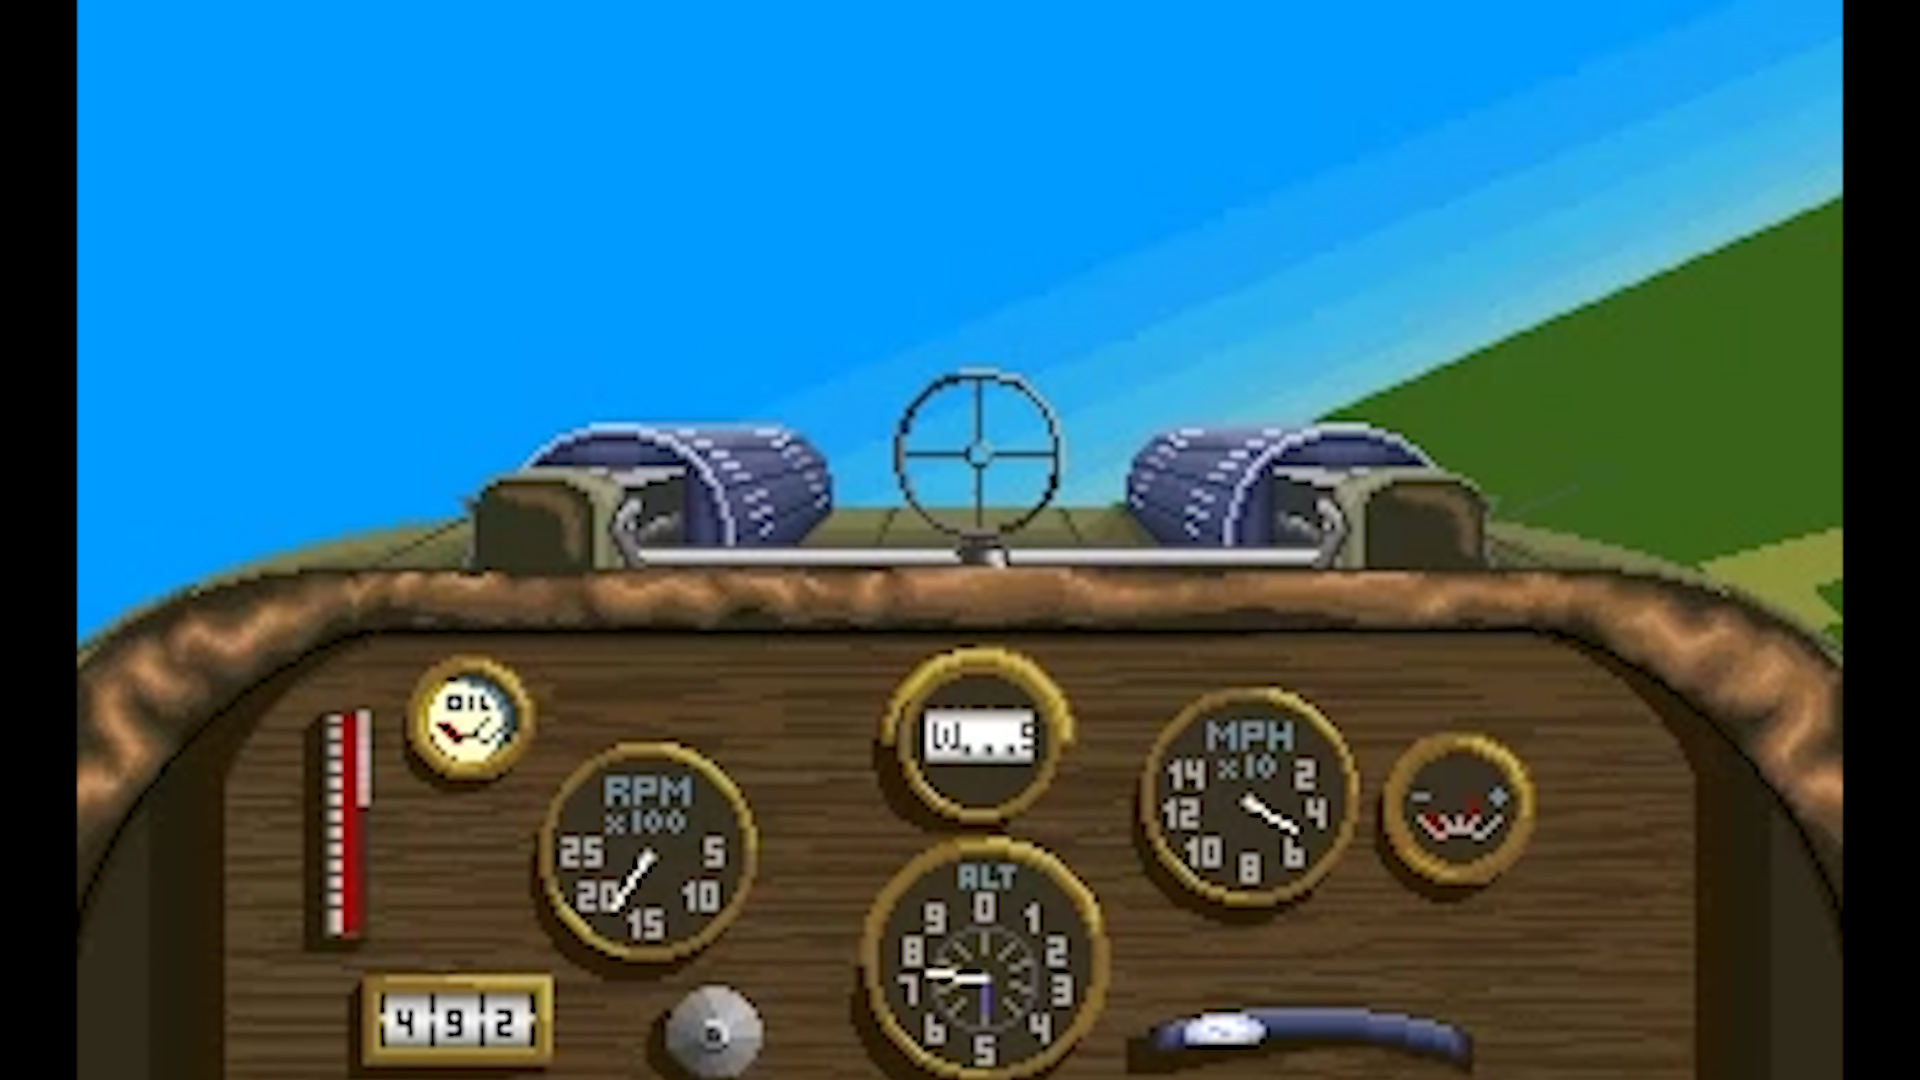 com.steam.347270-screenshot